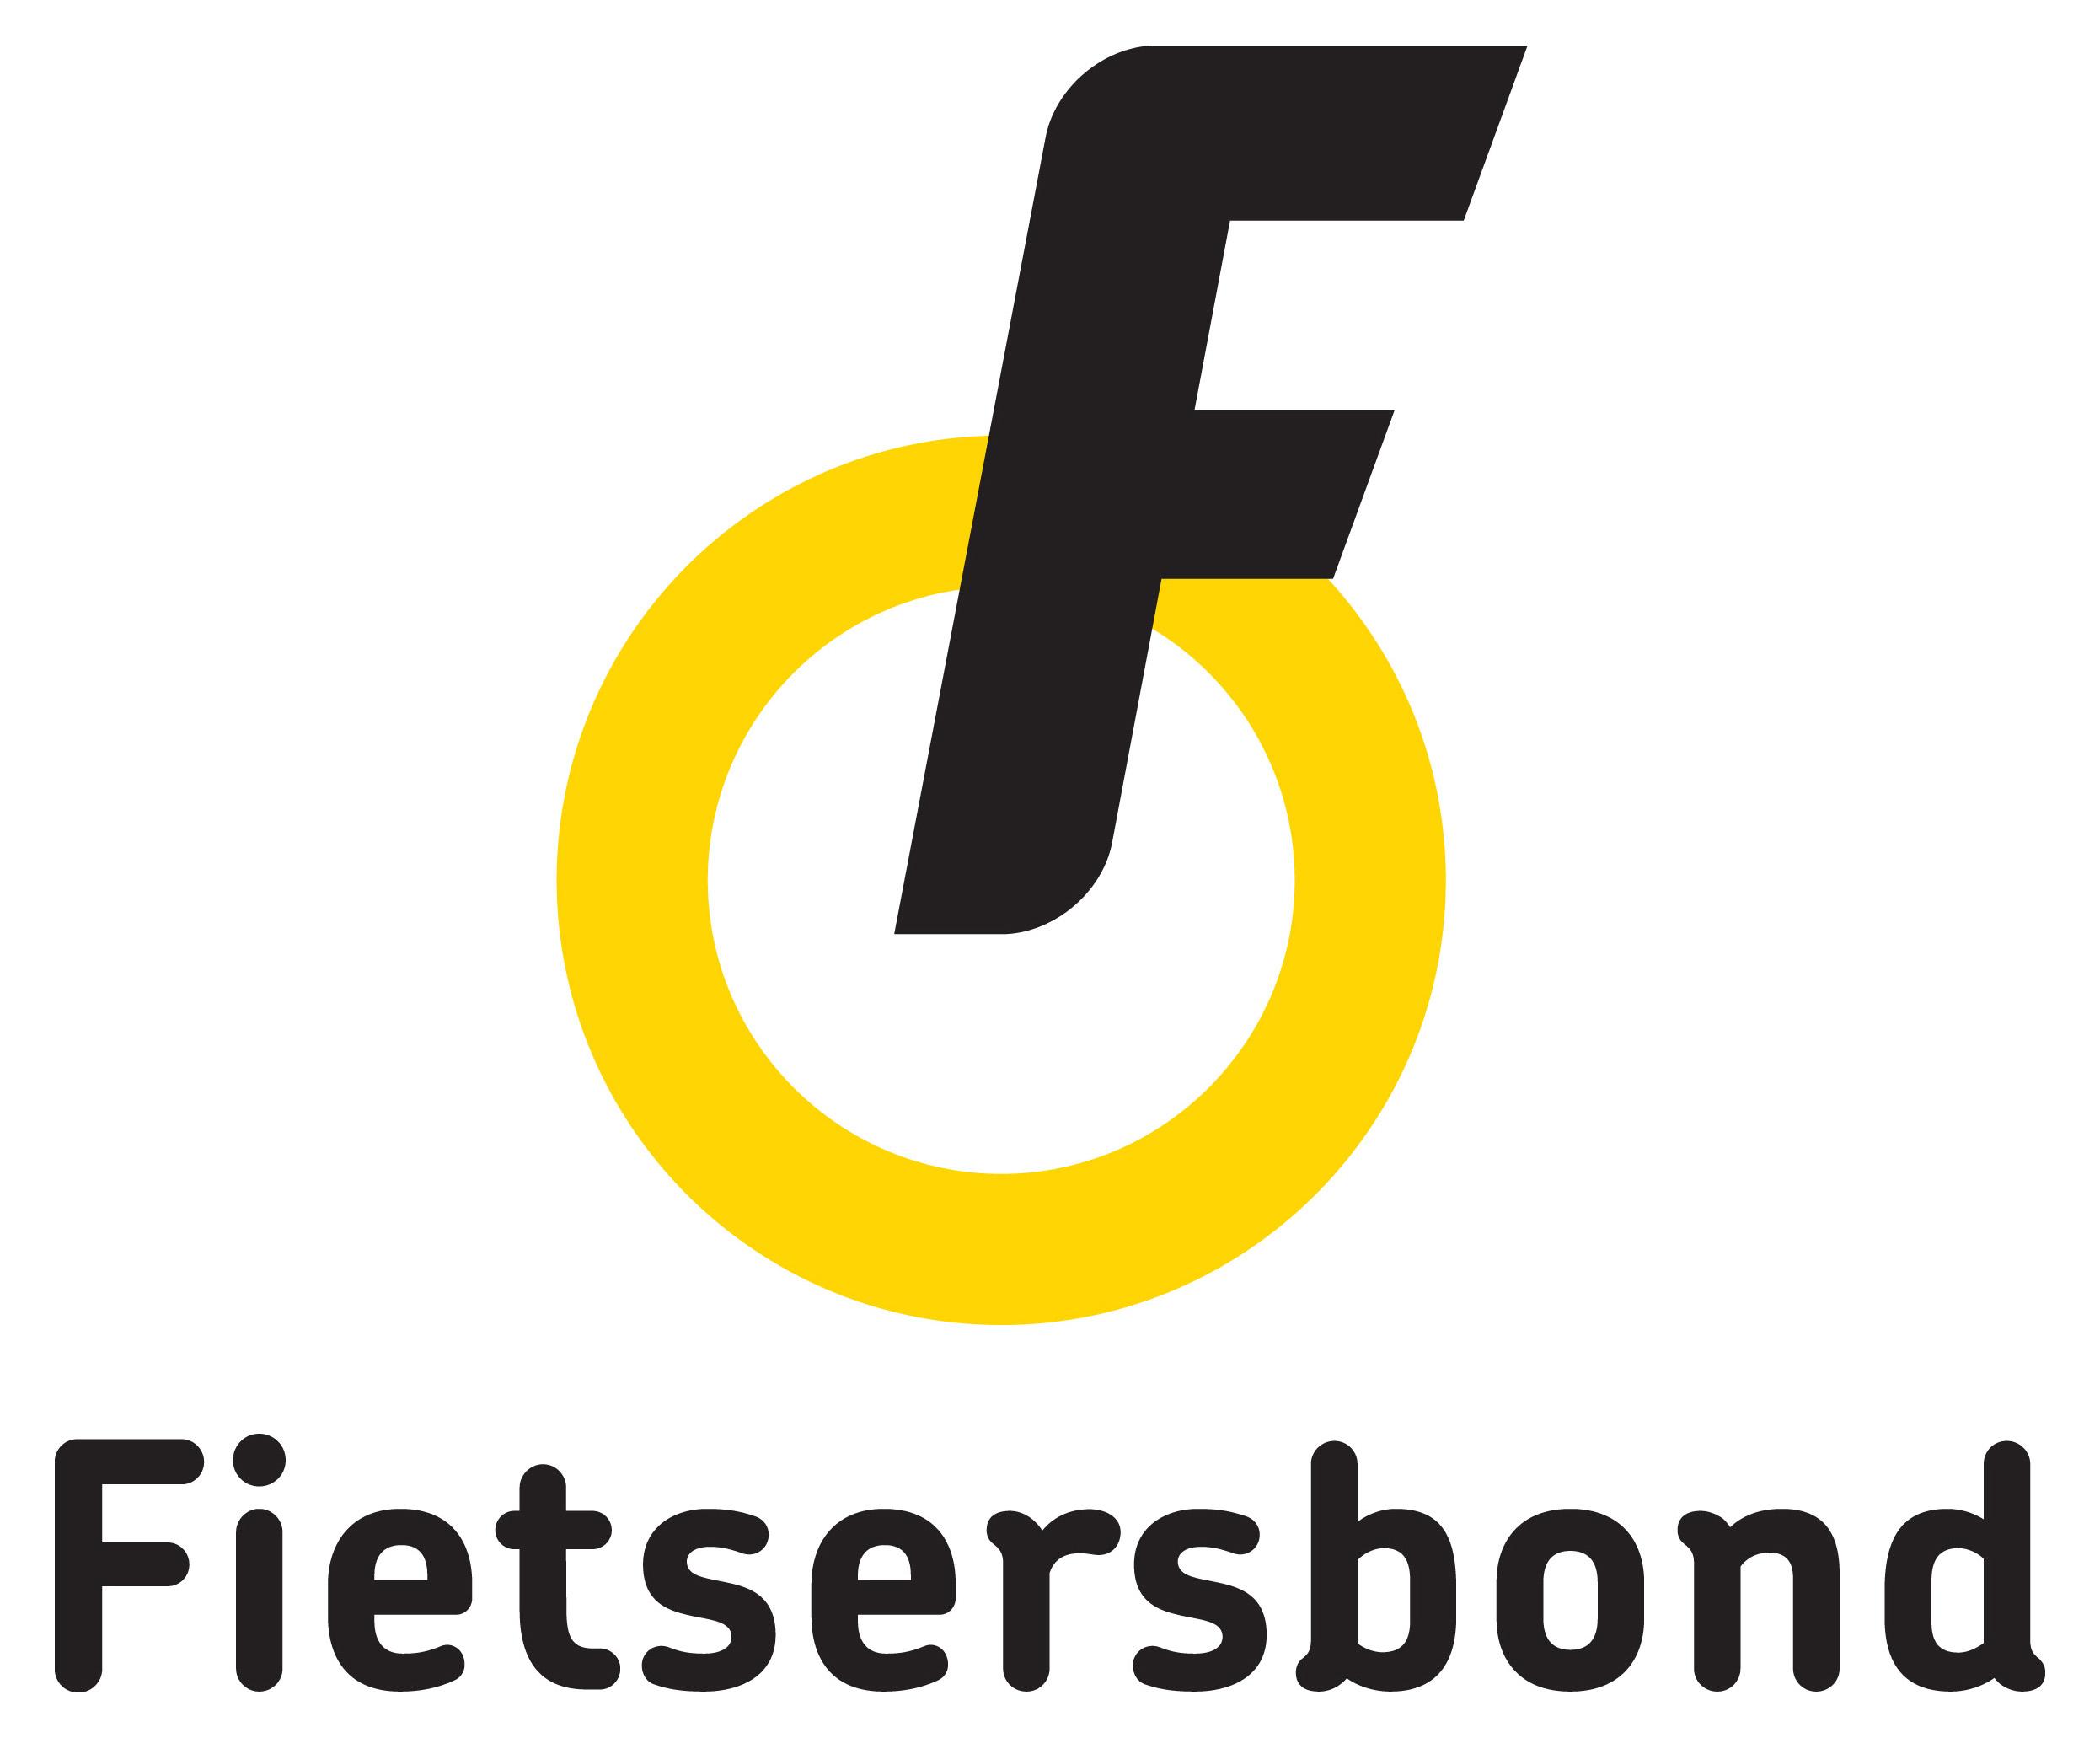 Fietsersbond Hilversum